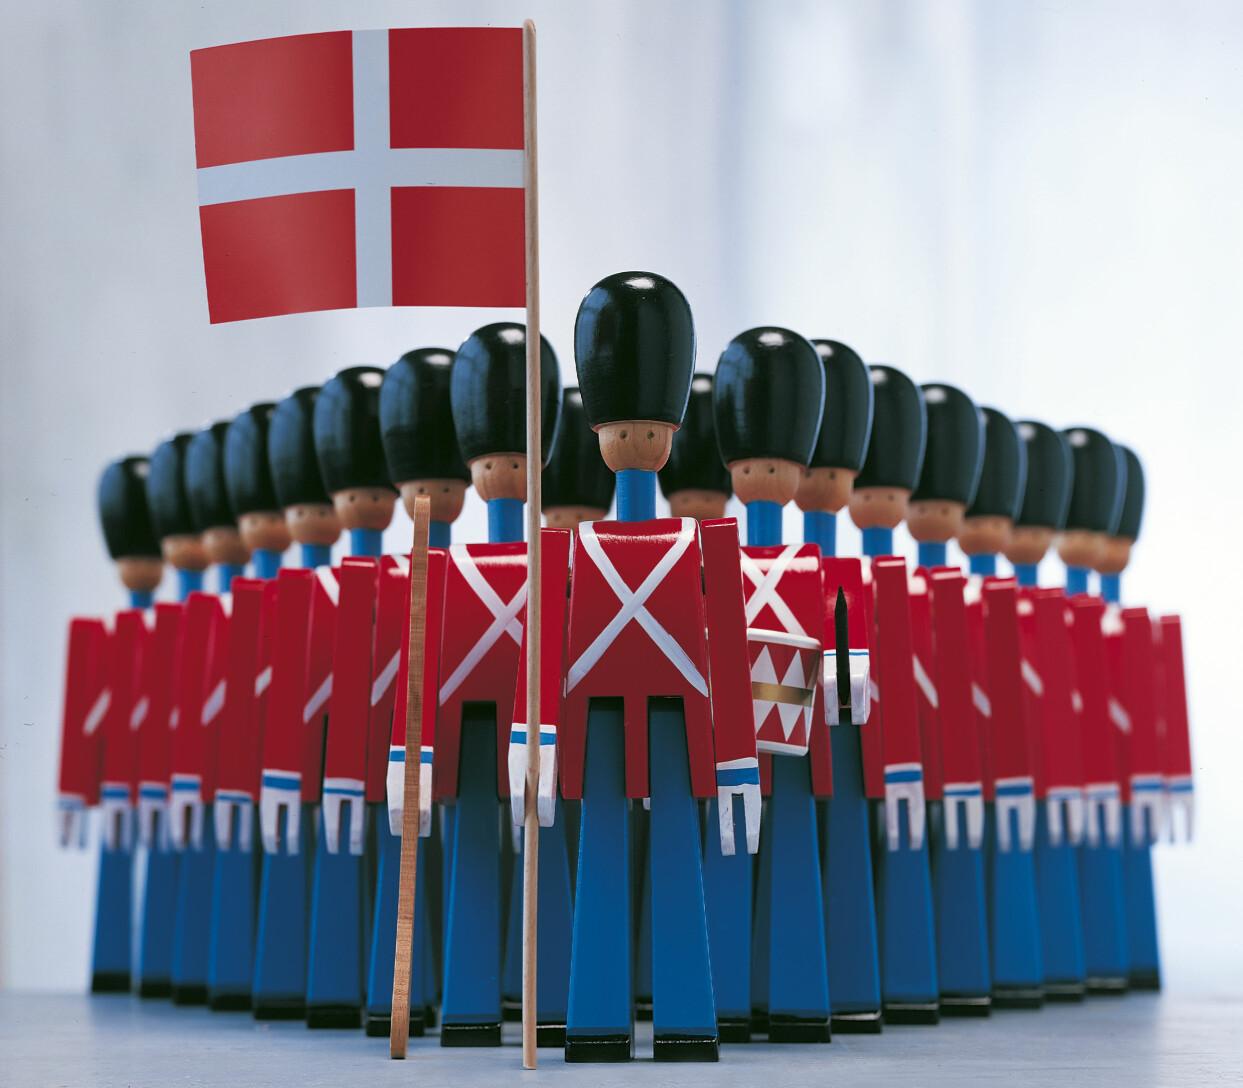 Dronningens soldater med dansk flagga i handen – design av Kay Bojesen.